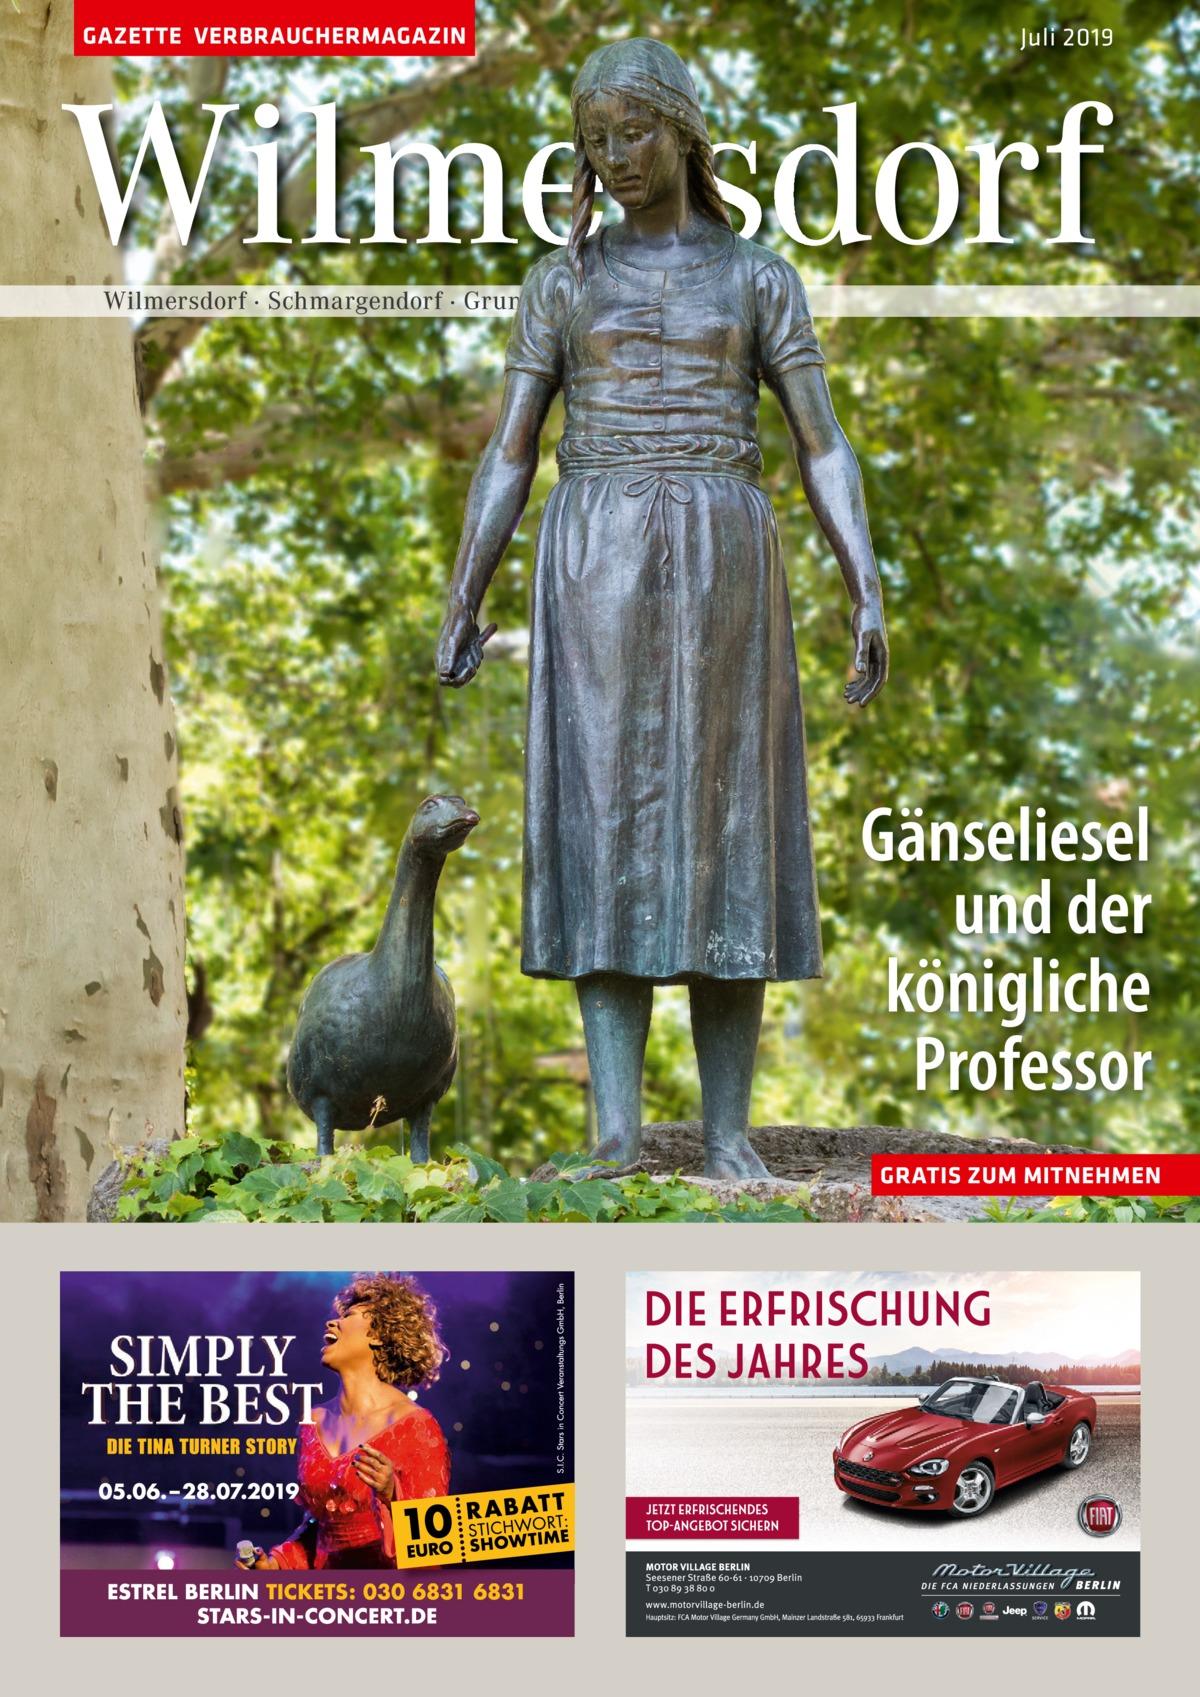 GAZETTE VERBRAUCHERMAGAZIN  Juli 2019  Wilmersdorf Wilmersdorf · Schmargendorf · Grunewald · Halensee  Gänseliesel und der königliche Professor GRATIS ZUM MITNEHMEN